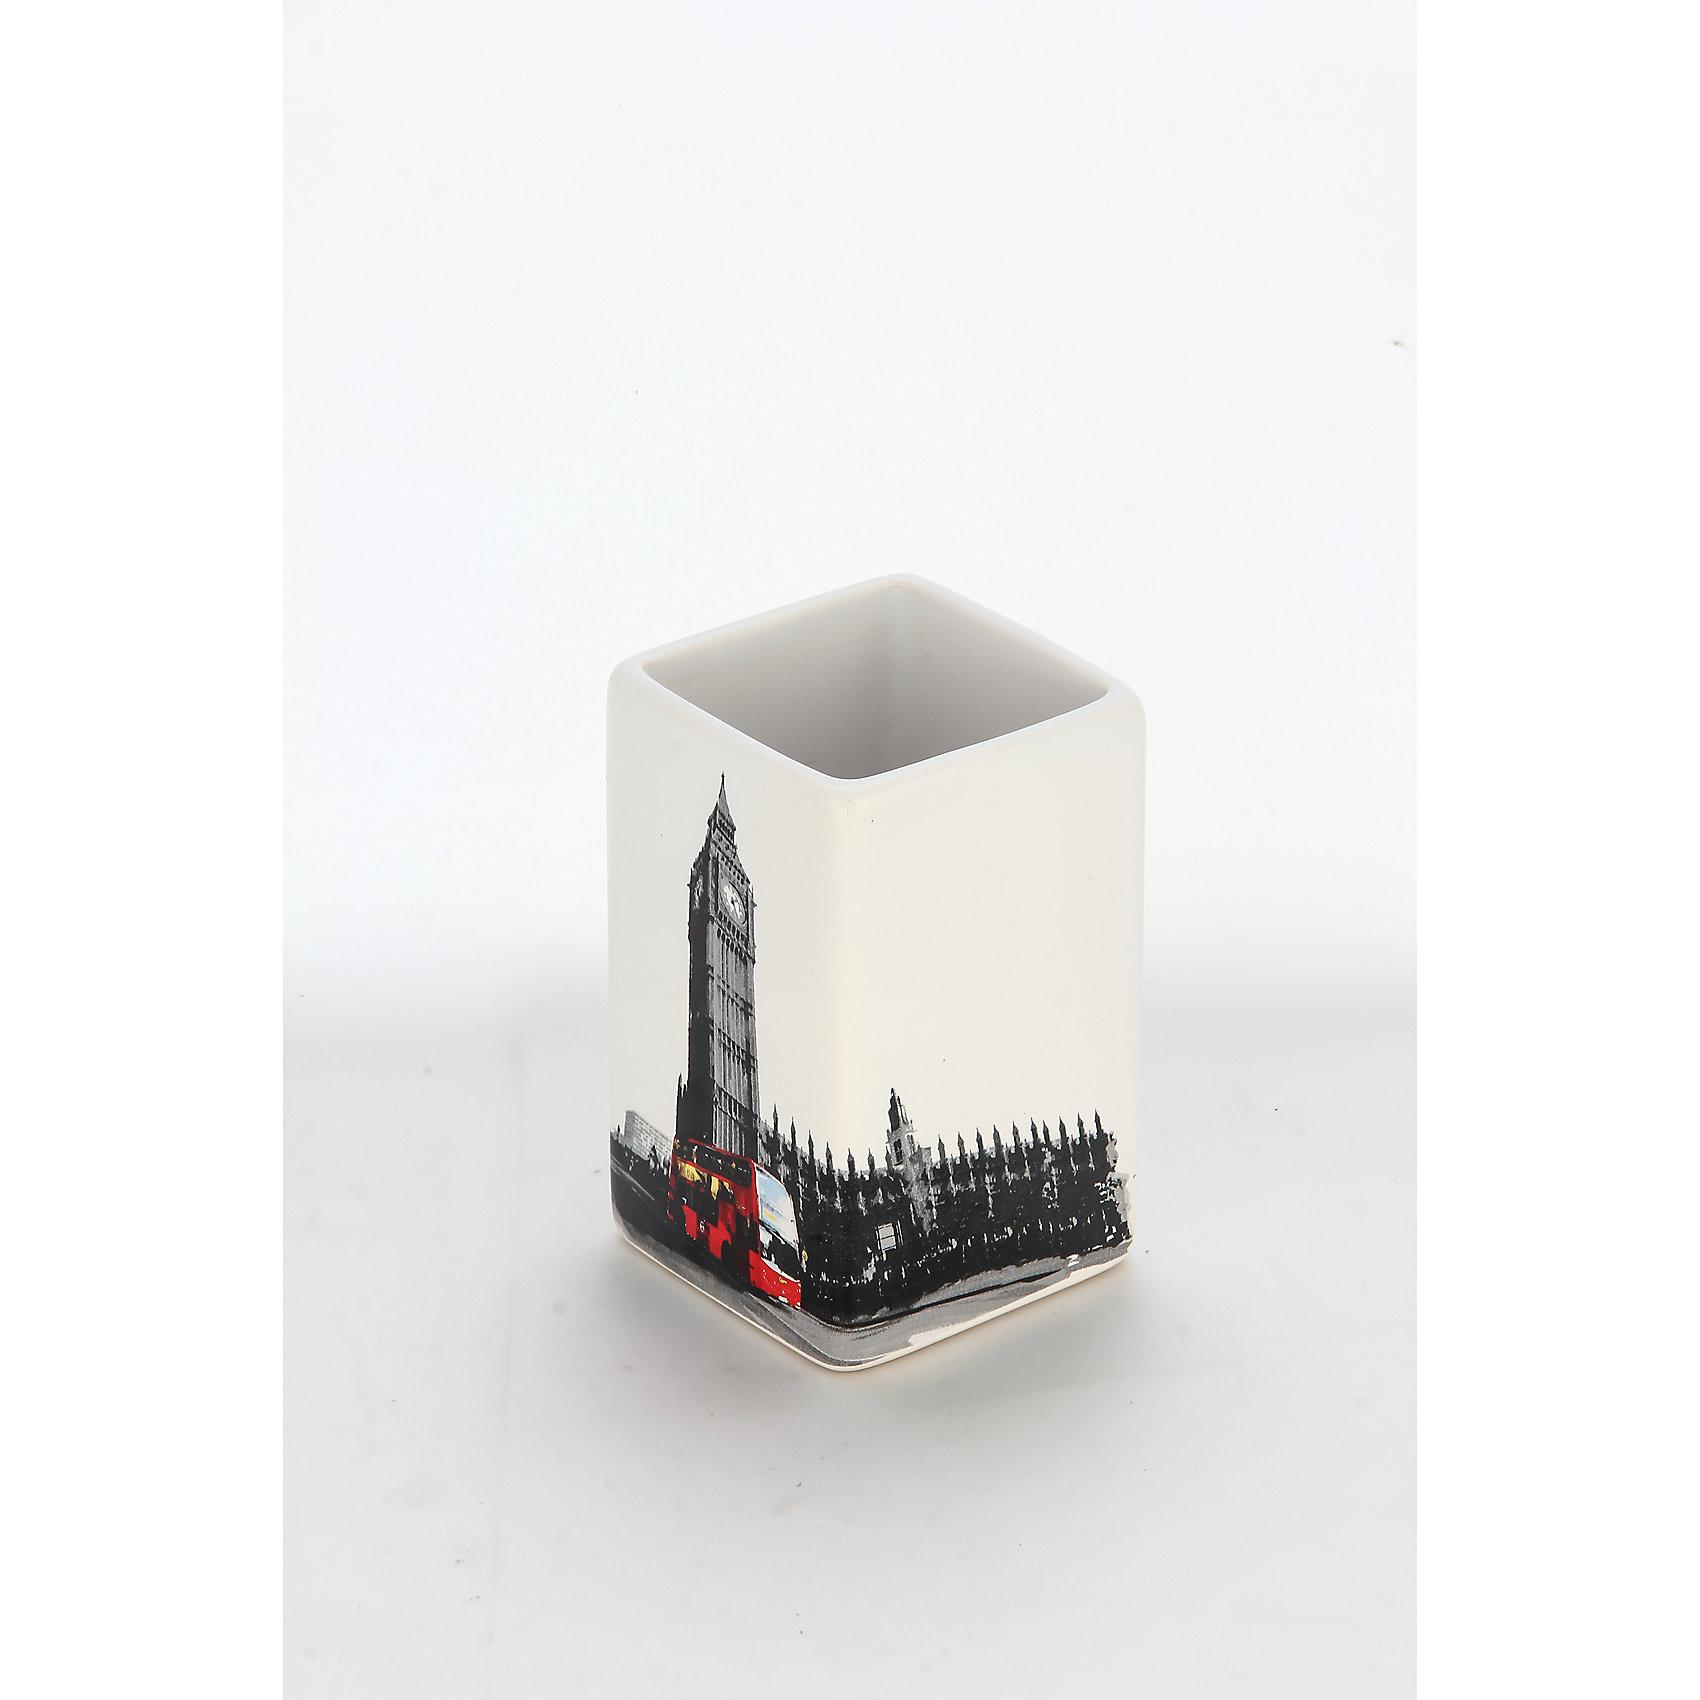 Стакан для ванной комнаты Лондон TU-L, Рыжий котВанная комната<br>Стакан для ванной комнаты Лондон TU-L, Рыжий кот<br><br>Характеристики:<br><br>• привлекательный дизайн<br>• размер: 6,6х6,6х10,5 см<br>• материал: керамика<br><br>Стакан Лондон - красивый и полезный аксессуар для вашей ванной комнаты. Он имеет одно вместительное отделение, подходящее для хранения гигиенических принадлежностей. Стакан изговлен из керамики с изображением Биг-Бена и автобуса Лондона.<br><br>Стакан для ванной комнаты Лондон TU-L, Рыжий кот вы можете купить в нашем интернет-магазине.<br><br>Ширина мм: 90<br>Глубина мм: 90<br>Высота мм: 110<br>Вес г: 275<br>Возраст от месяцев: 12<br>Возраст до месяцев: 216<br>Пол: Унисекс<br>Возраст: Детский<br>SKU: 5454080